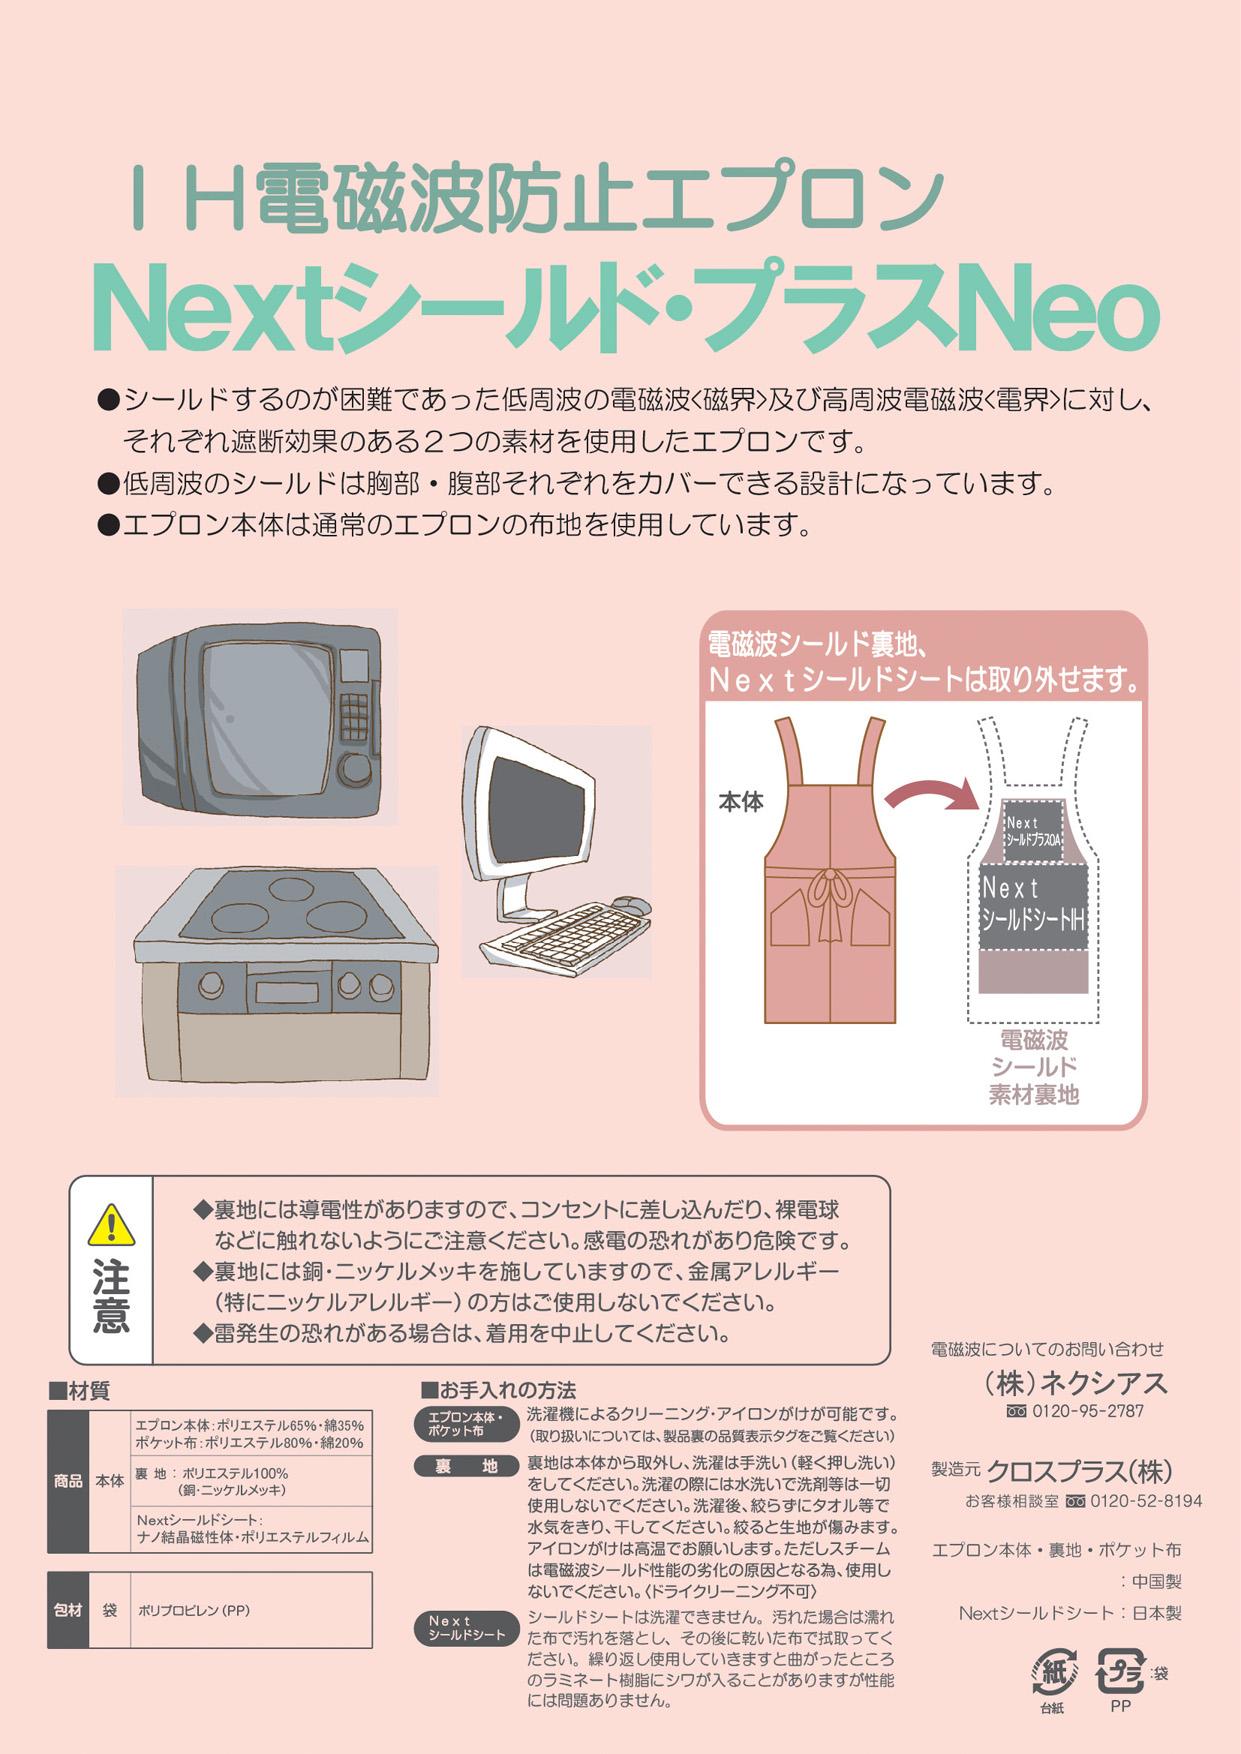 IH電磁波防止エプロン Nextシールド・プラスNeo クロスプラス製